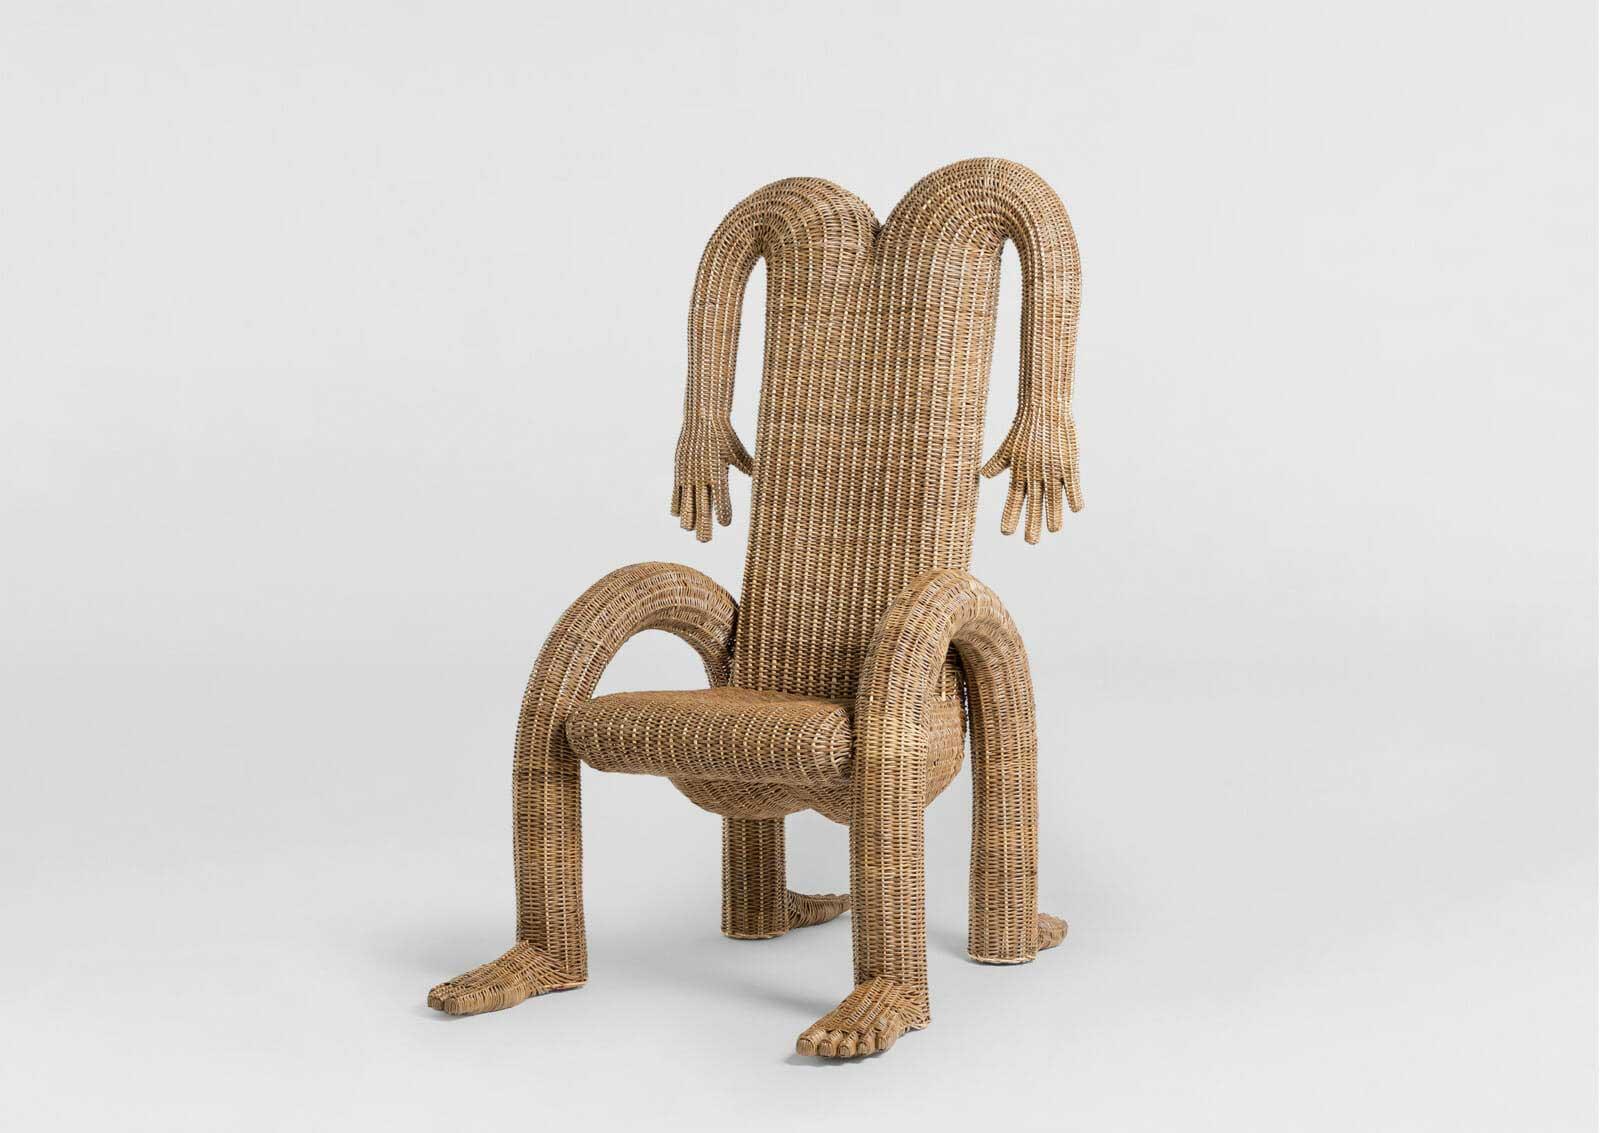 Stühle mit Armen und Beinen stuhldesigns-von-Chris-Wolston_04